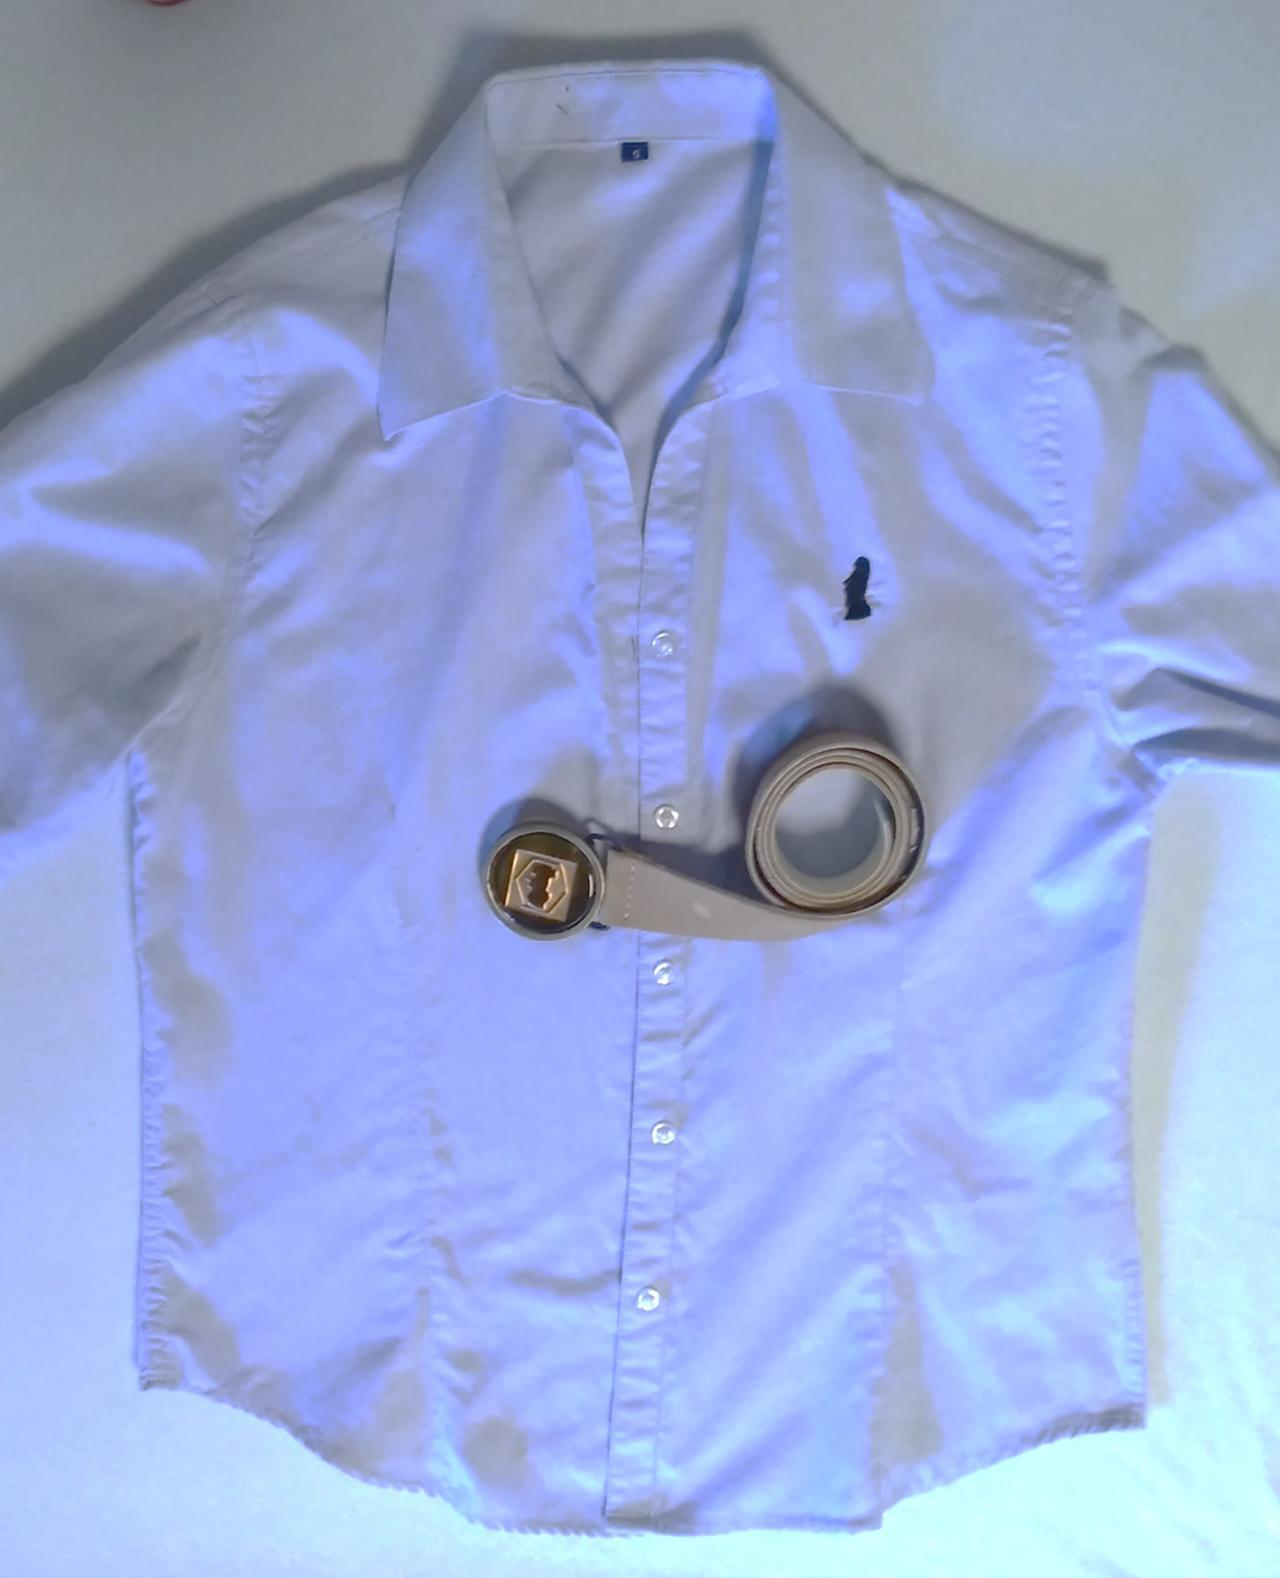 画像: モアイのシルエットがプリントされたシャツとベルト(雑貨のイメージです)